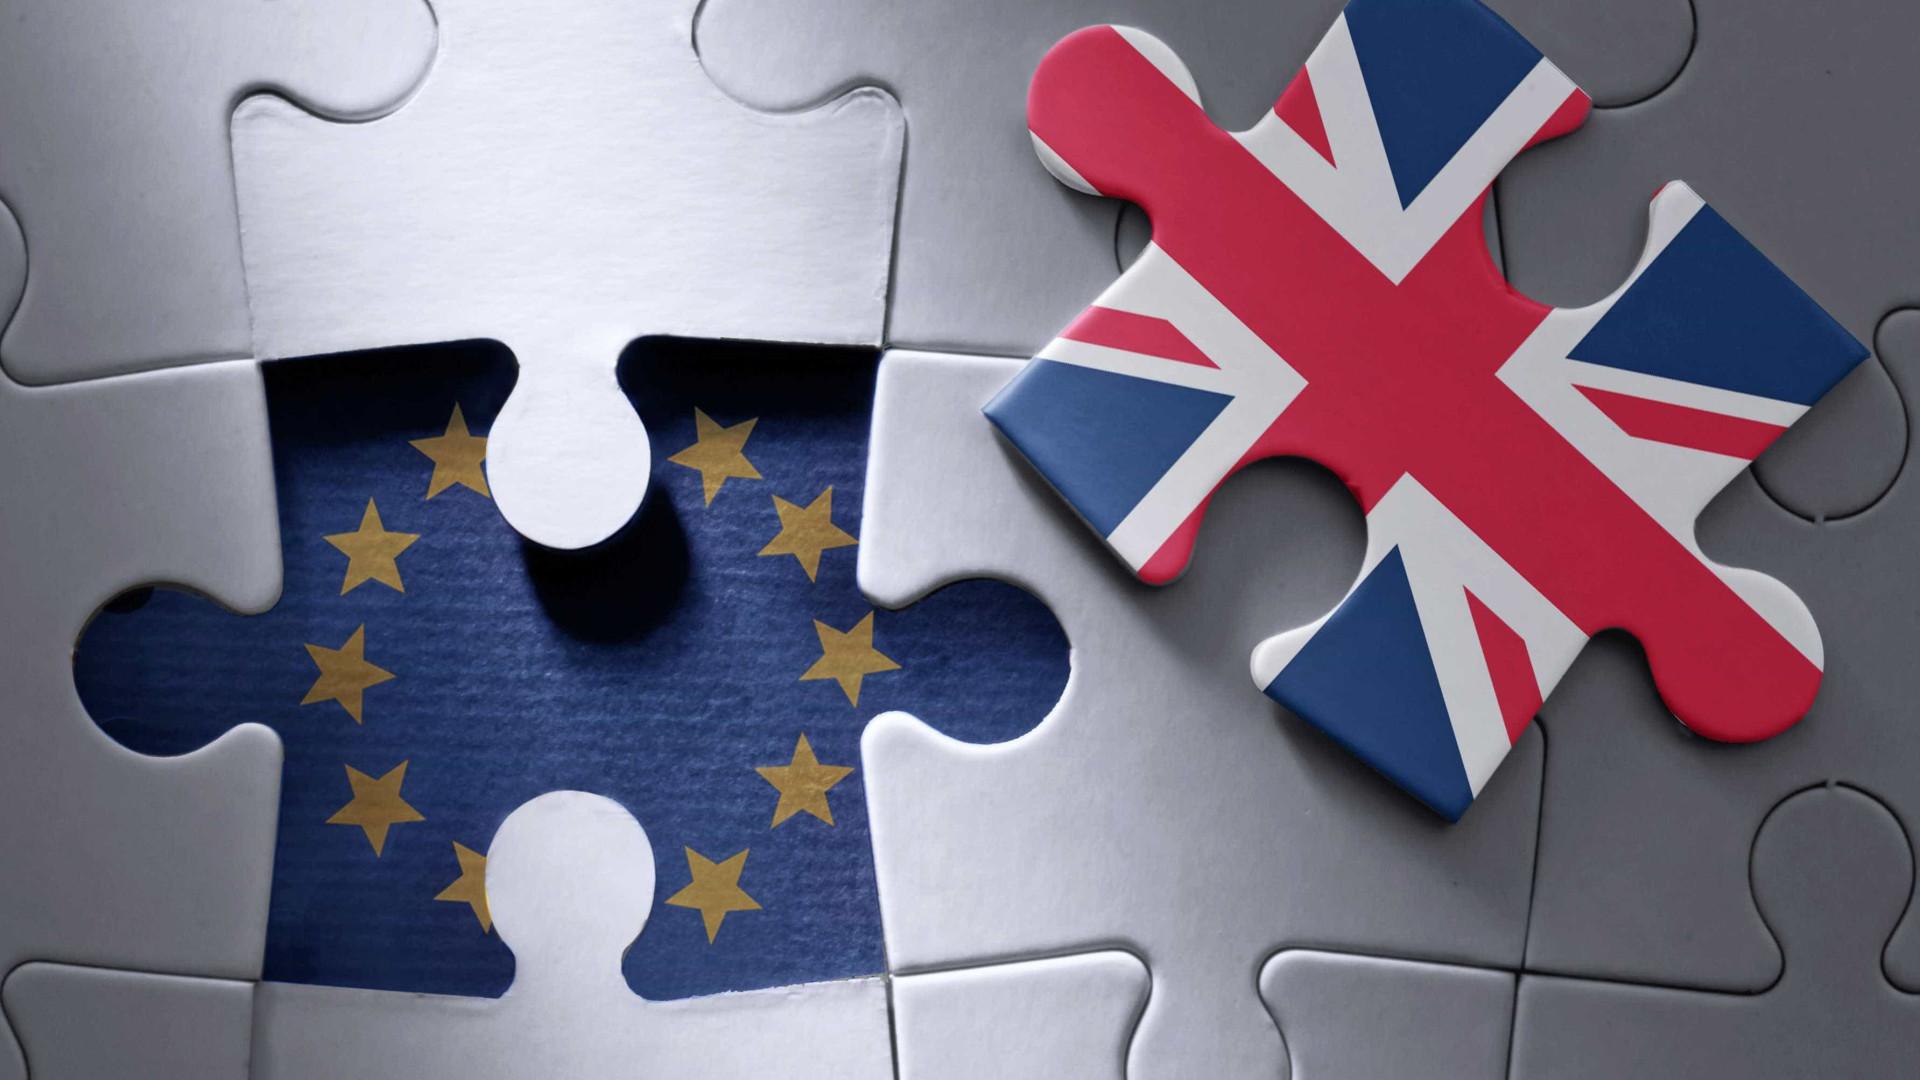 Brexit: Londres quer novo tratado de segurança com a UE